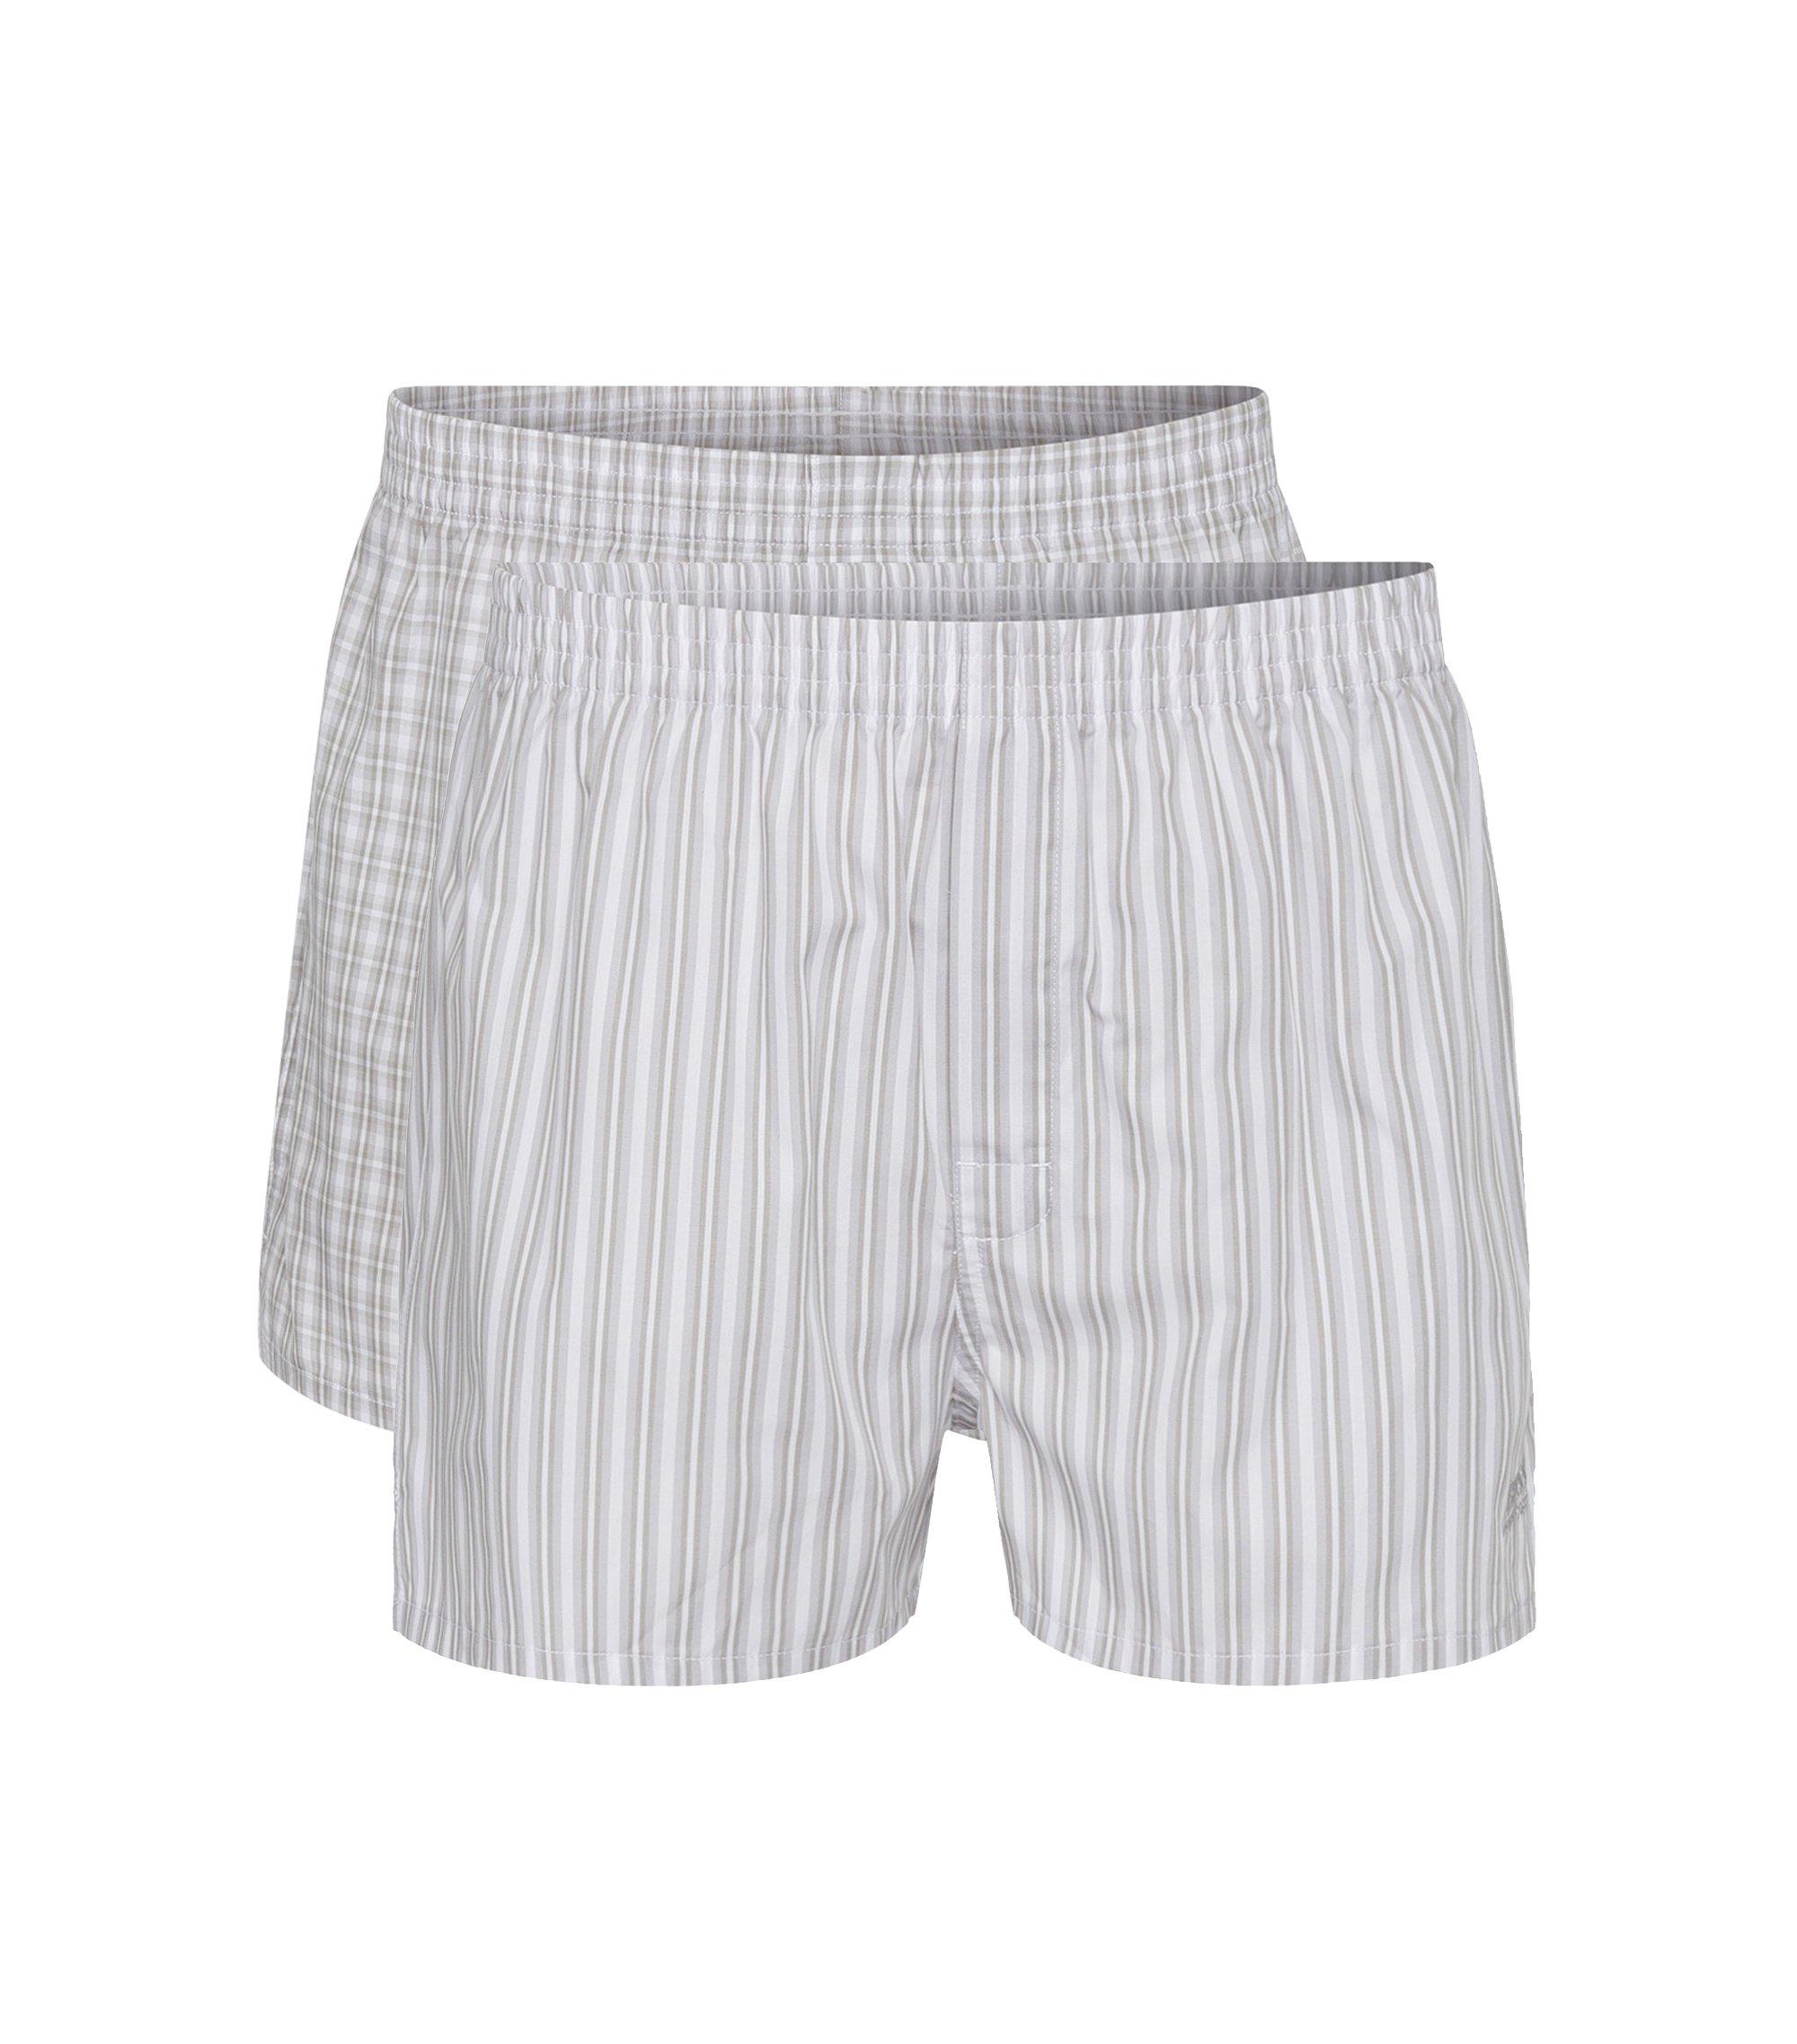 Paquete de dos calzoncillos boxer en popelín de algodón , Gris claro